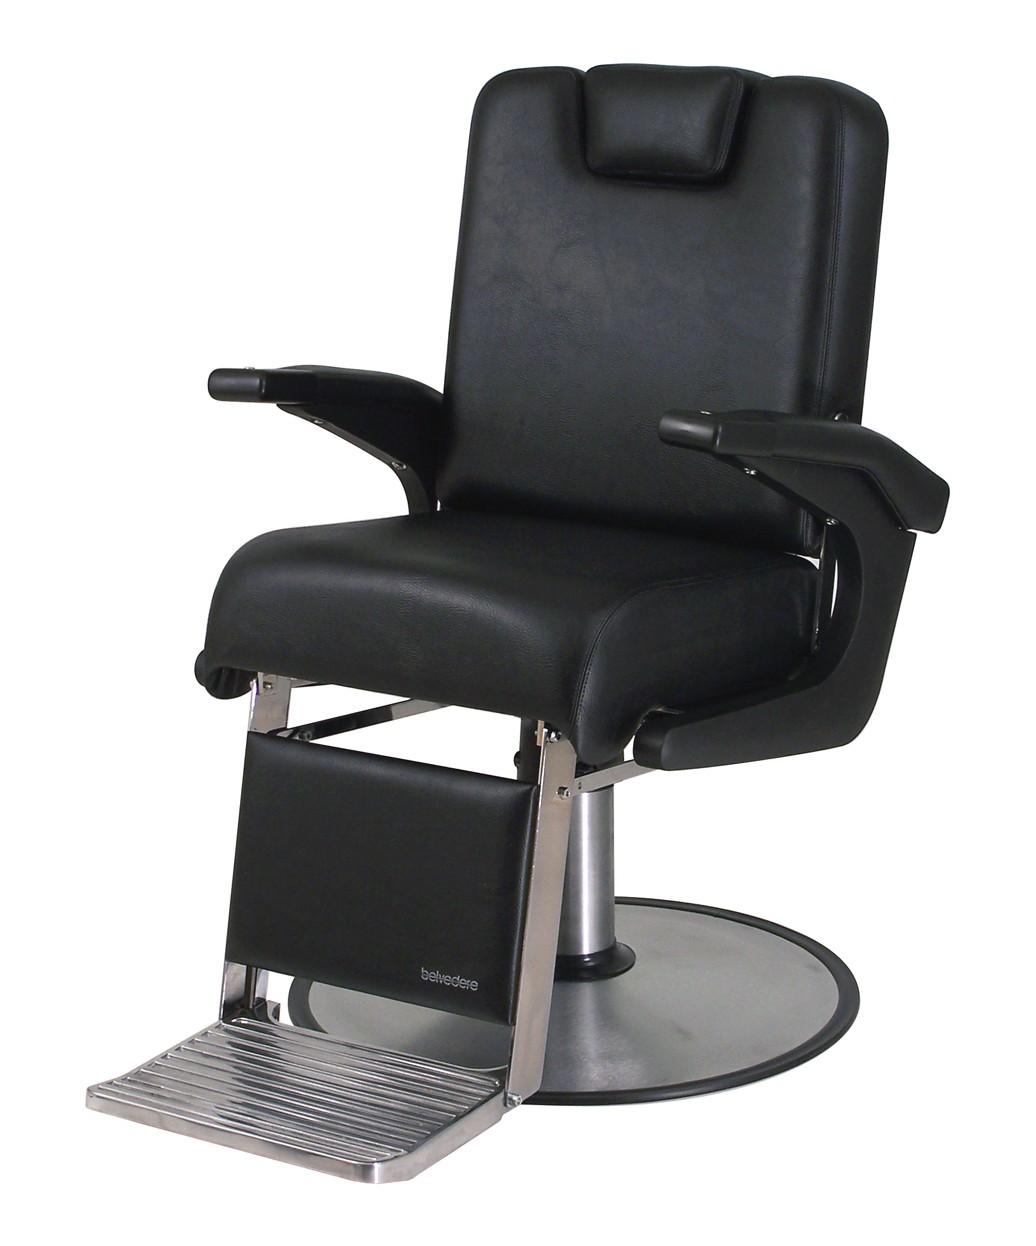 belvedere a61a admiral barber chair rh buyritebeauty com